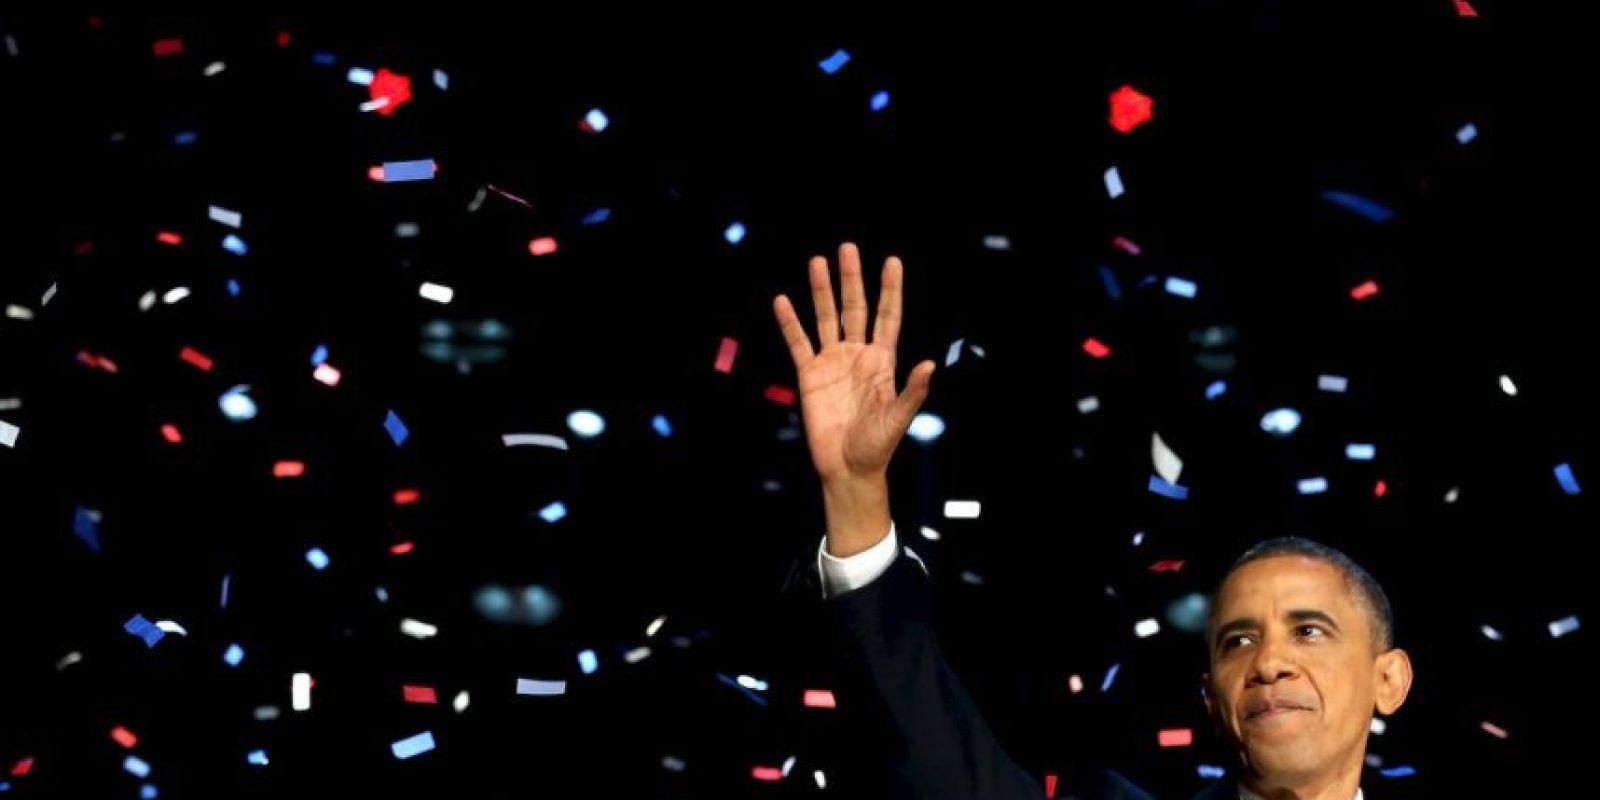 El pasado 17 de diciembre el presidente de Estados Unidos, Barack Obama, y el presidente de Cuba, Raúl Castro, anunciaron el inicio de gestiones para restablecer las relaciones de ambos países tras más de 50 años de embargo. A pesar de que aún falta mucho por hacer, Estados Unidos ya flexibilizó los viajes a Cuba, quitó a la isla de la lista de países que patrocinan el terrorismo y se espera que en las próximas semanas abran las embajadas en las capitales de ambos países. Foto:Getty Images